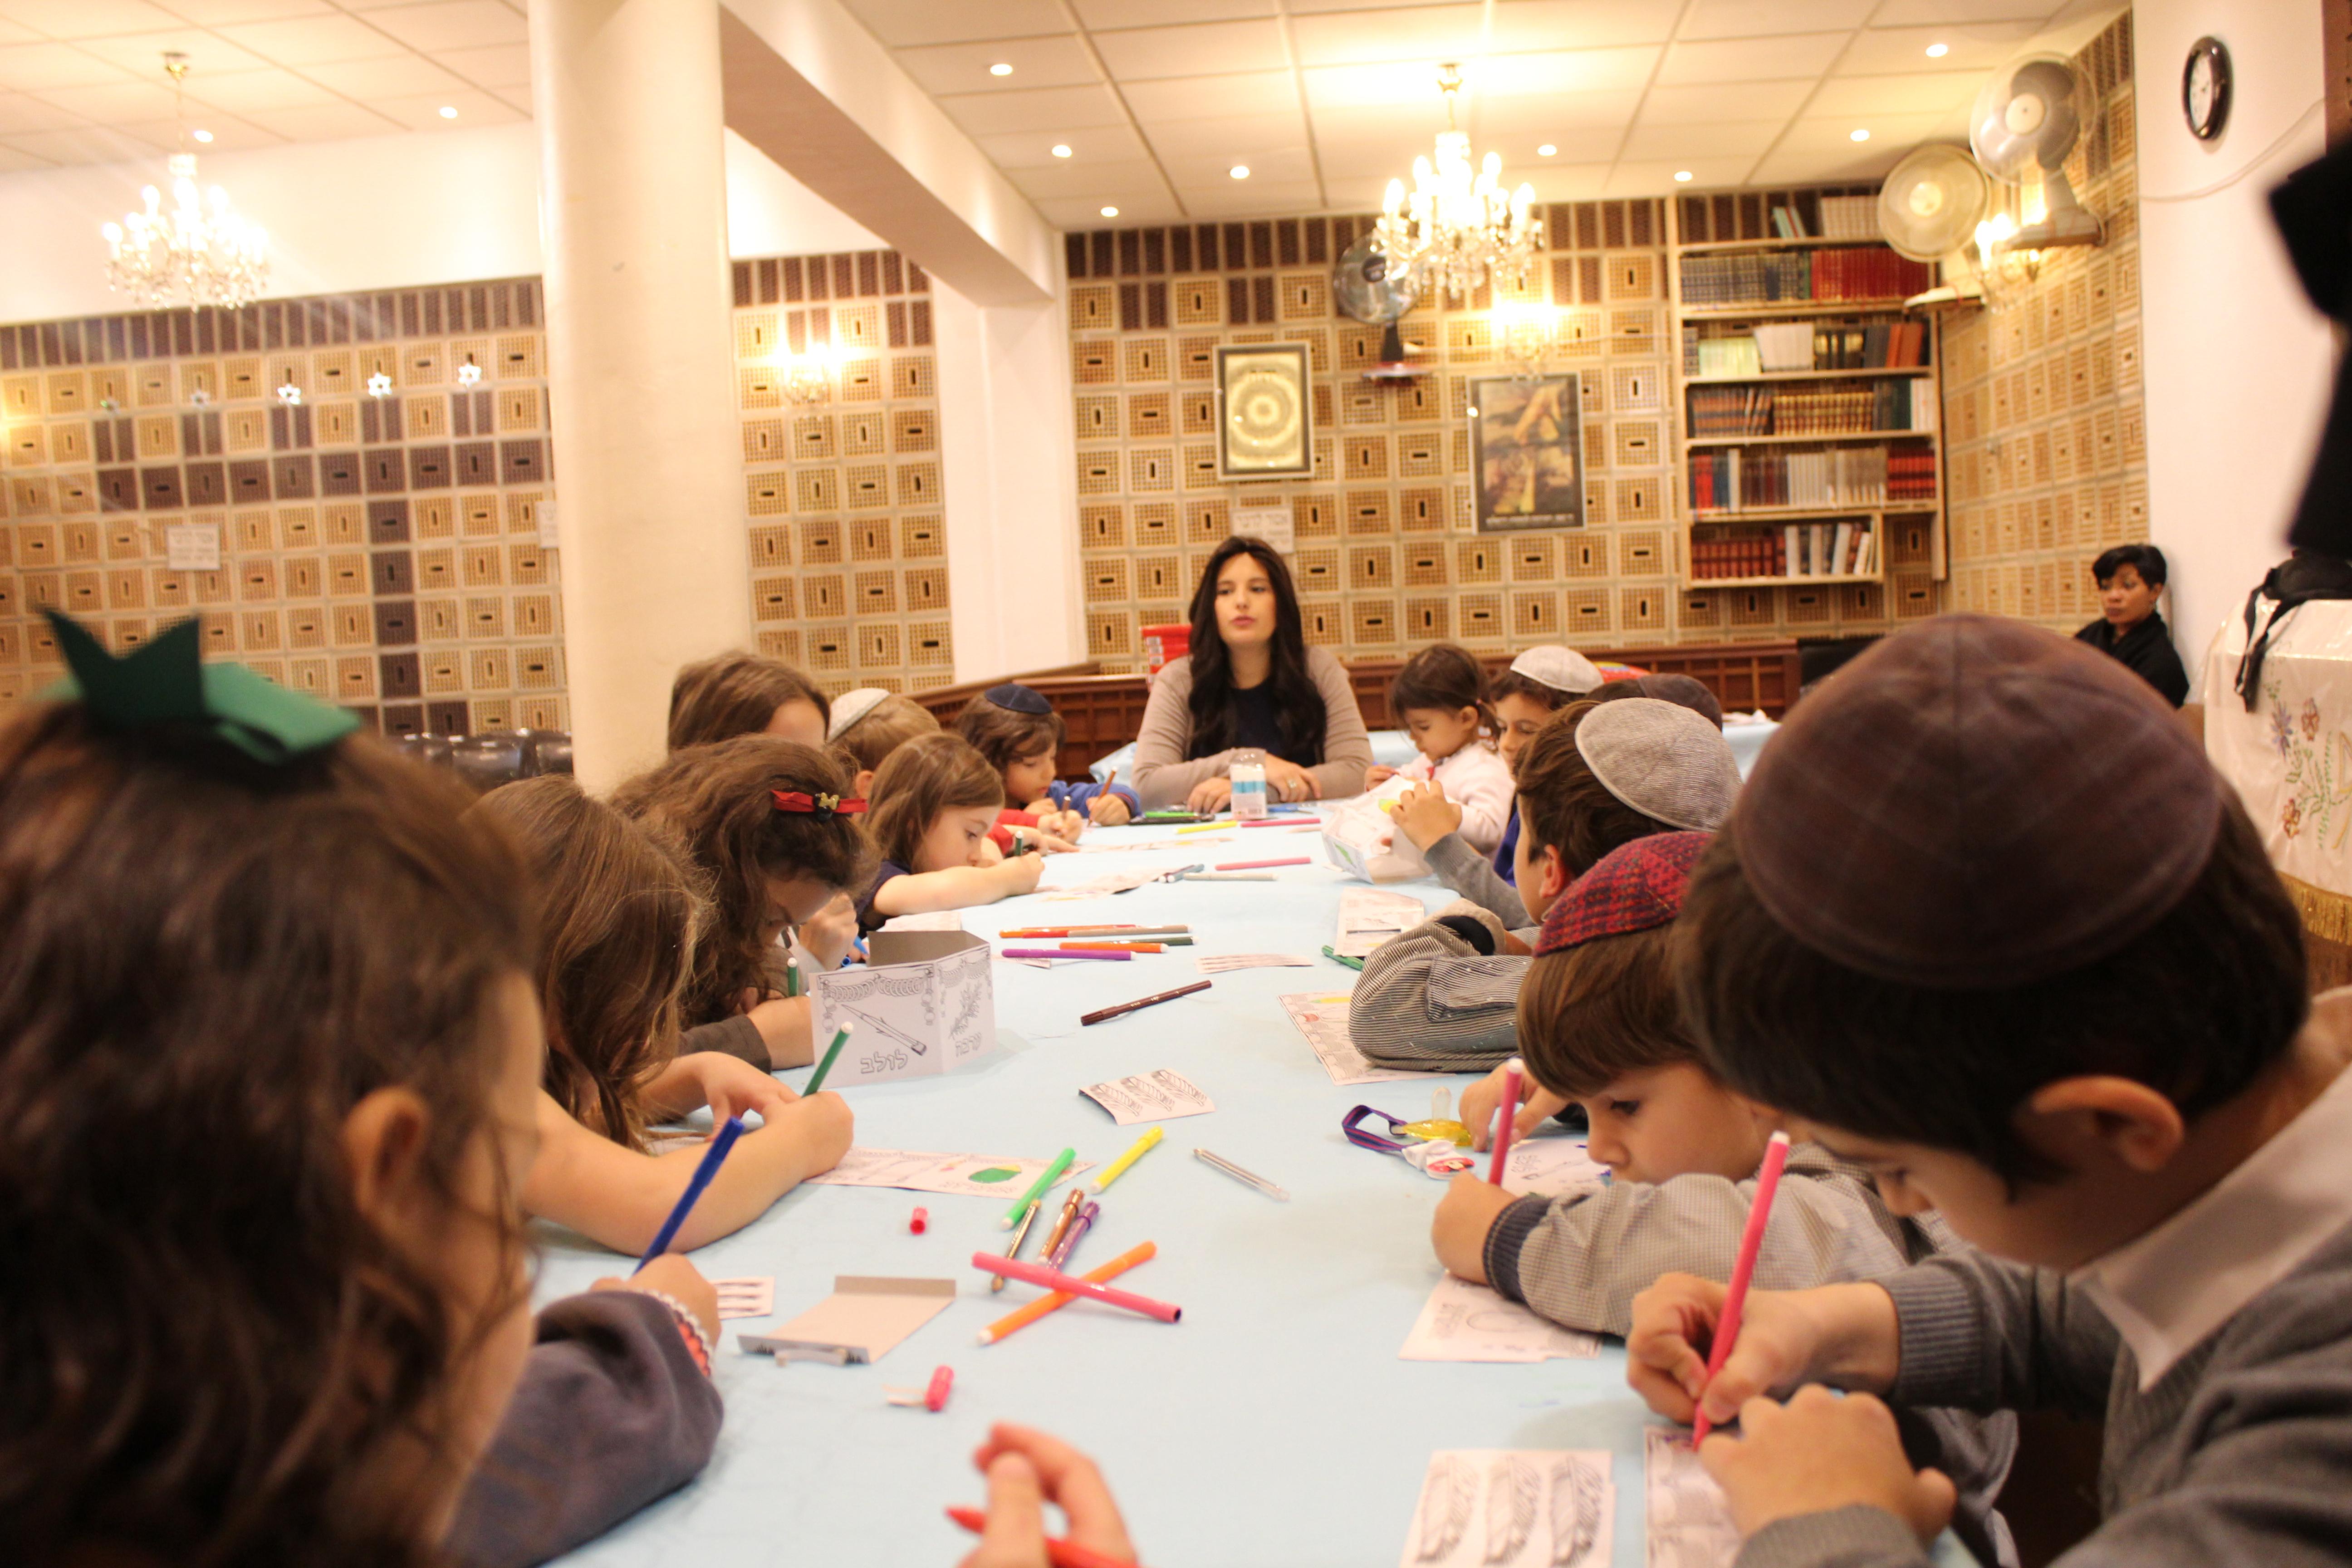 Le Talmud Torah